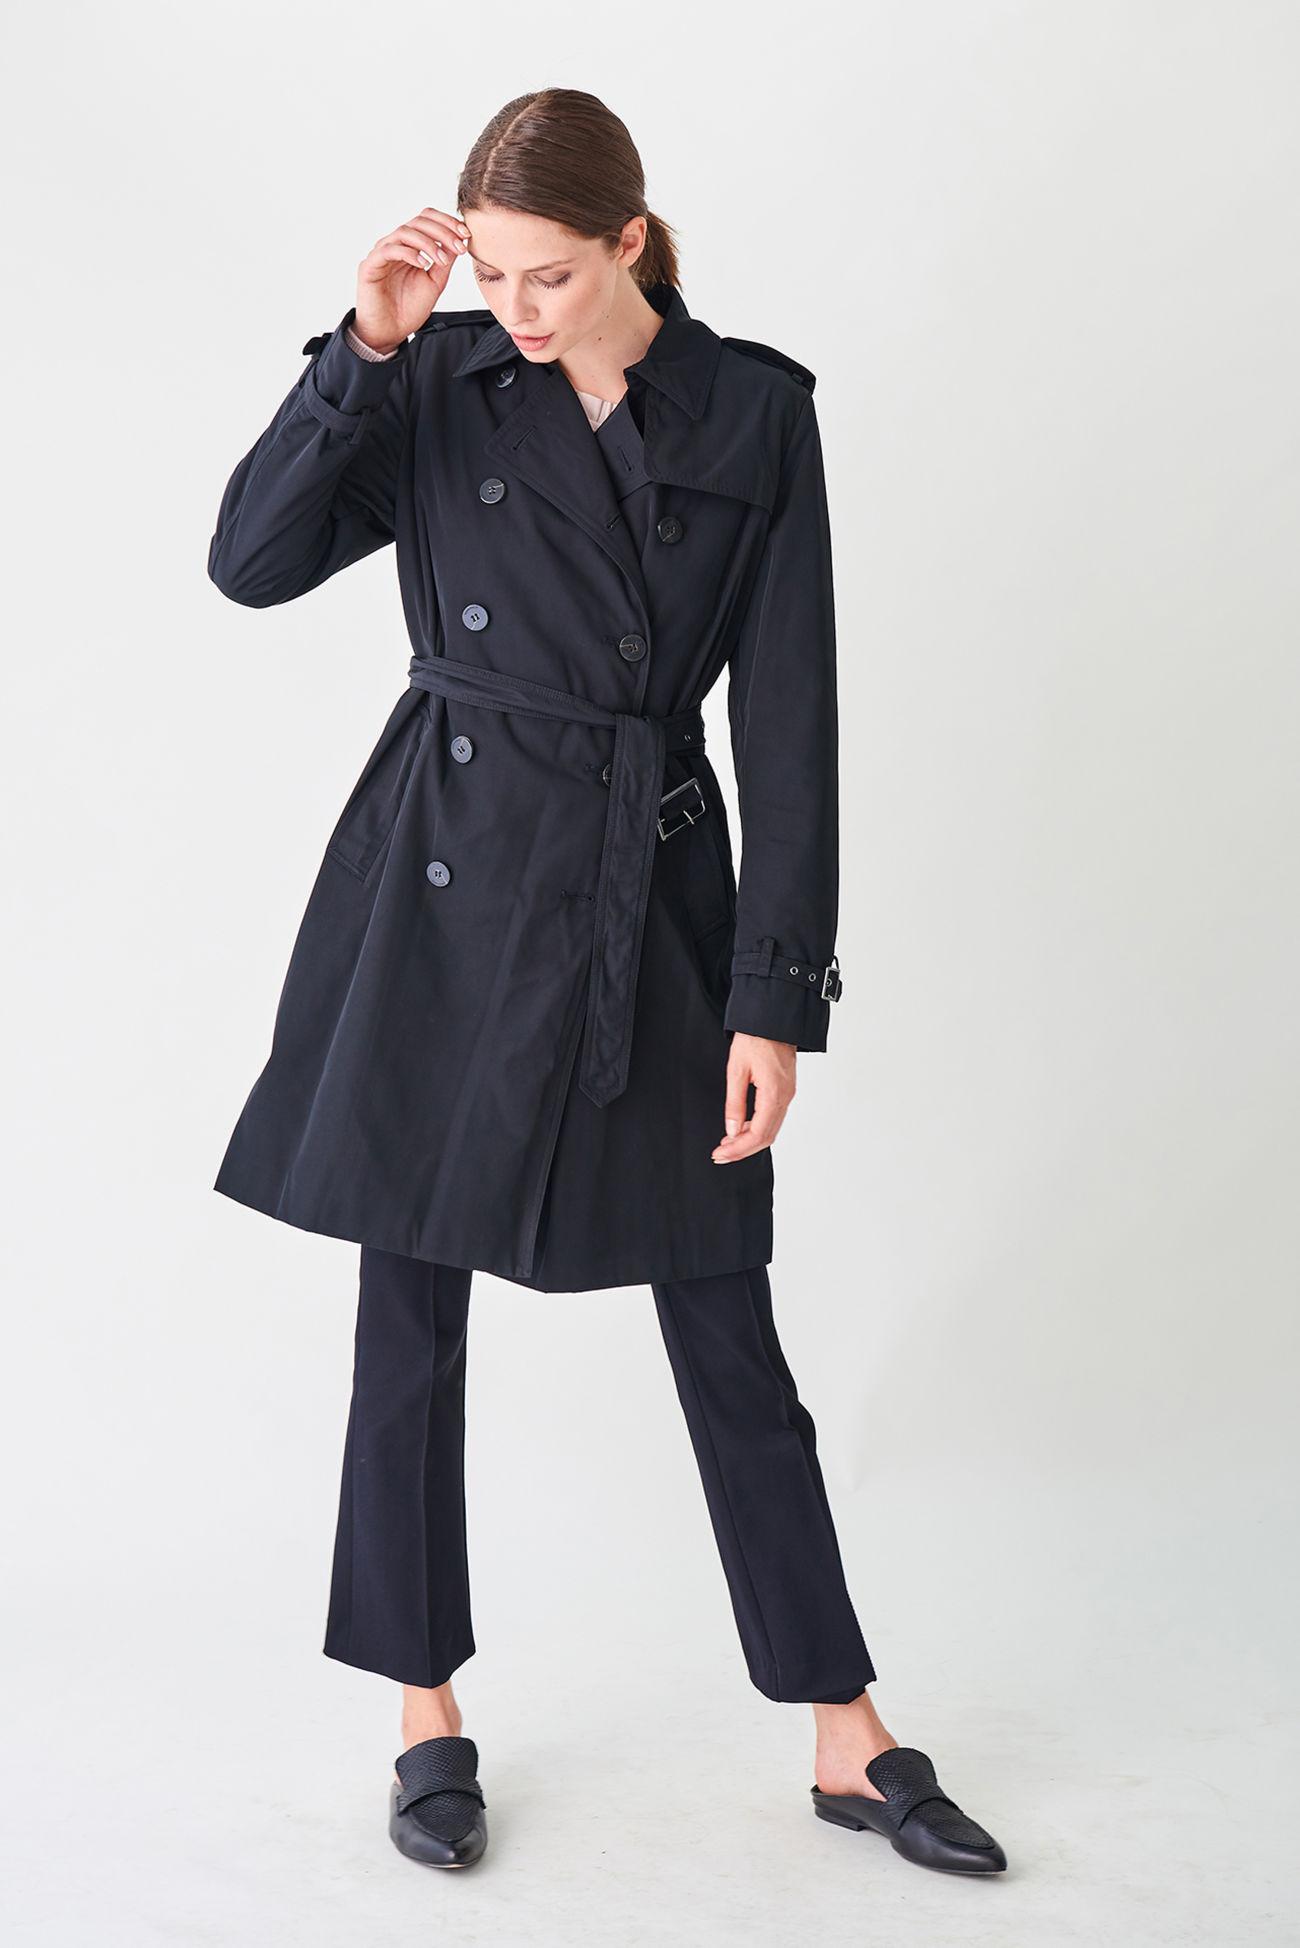 Raffinierter, eleganter Trenchcoat